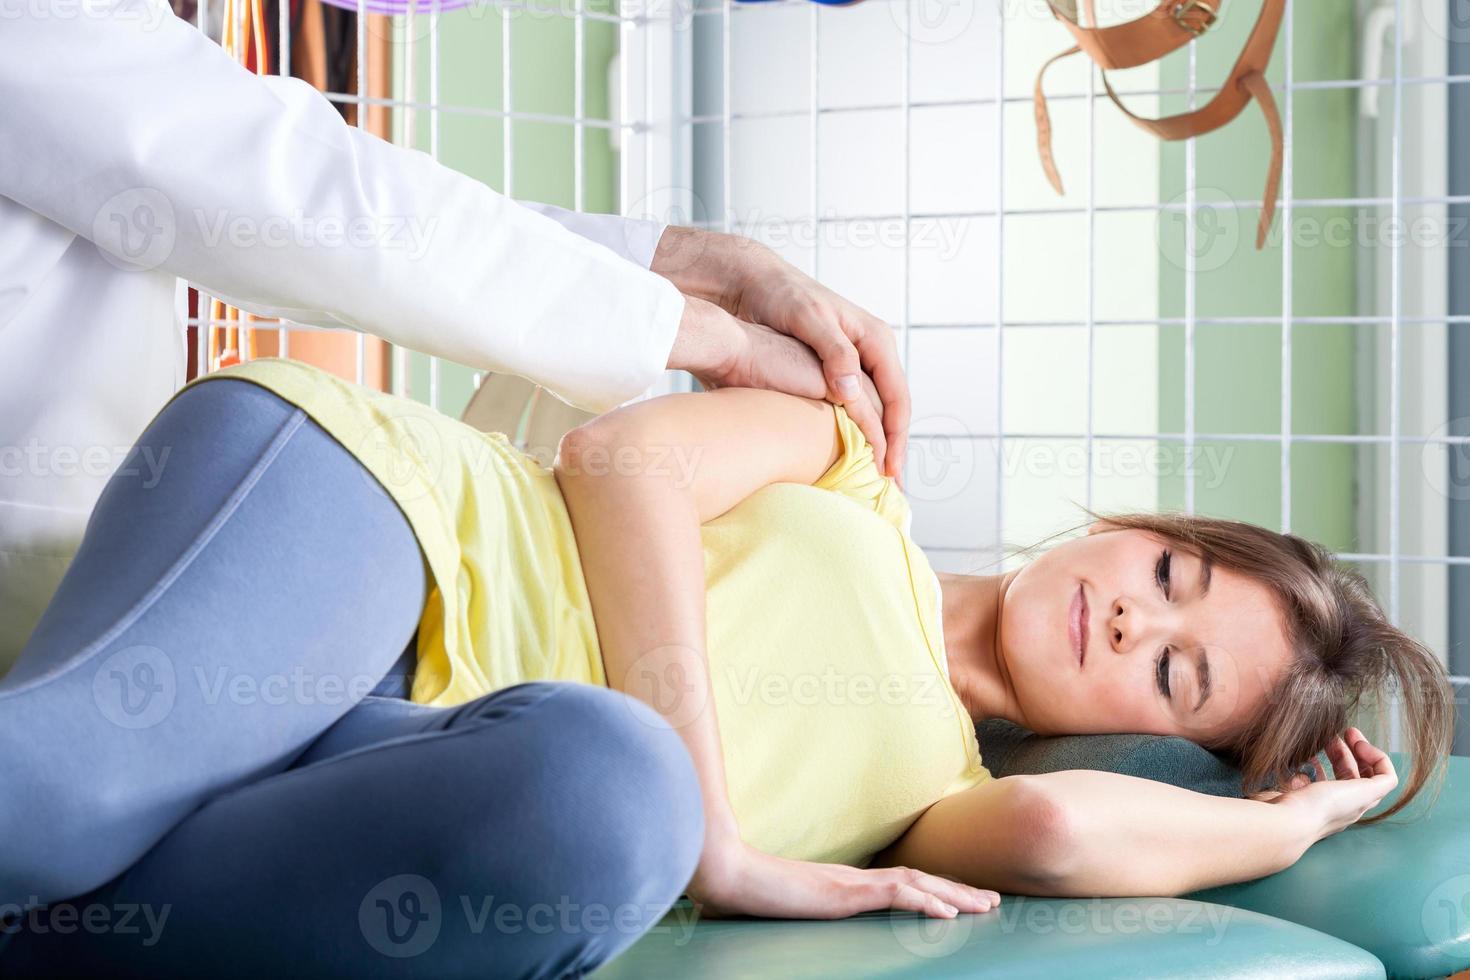 fisioterapeuta massageando o braço do paciente foto